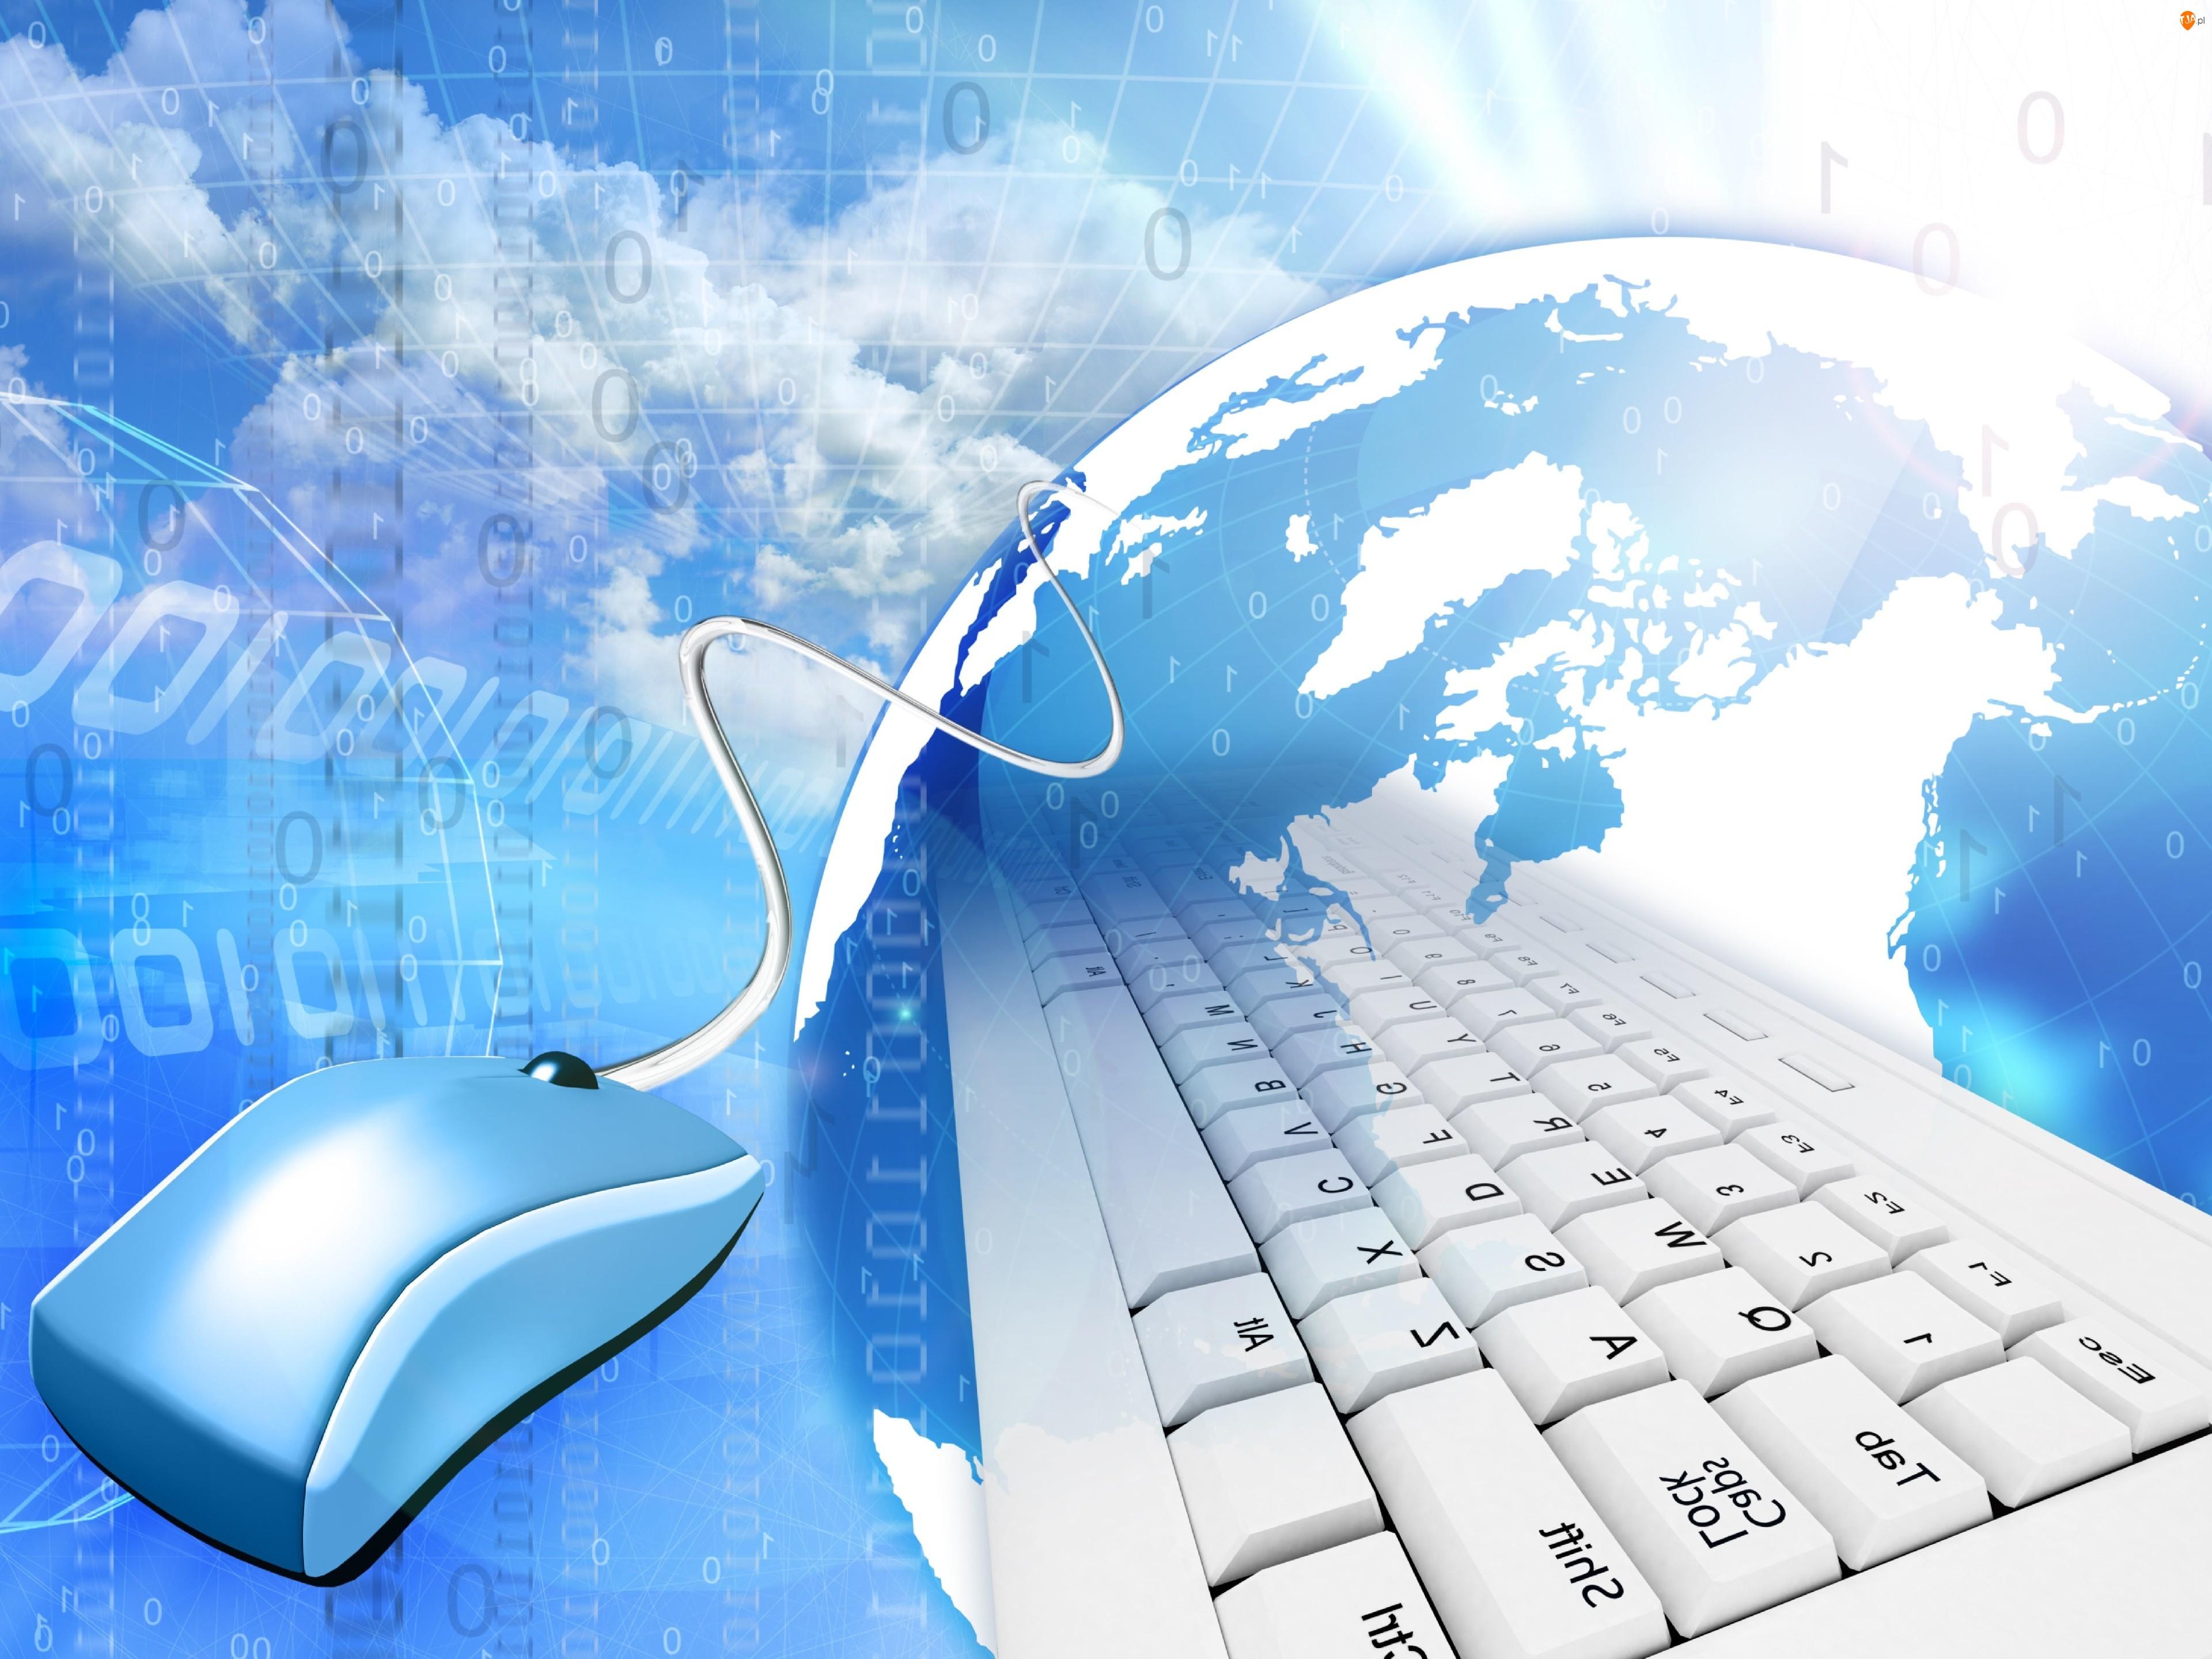 Myszka komputerowa, 3D, Internet, Technologia, Klawiatura